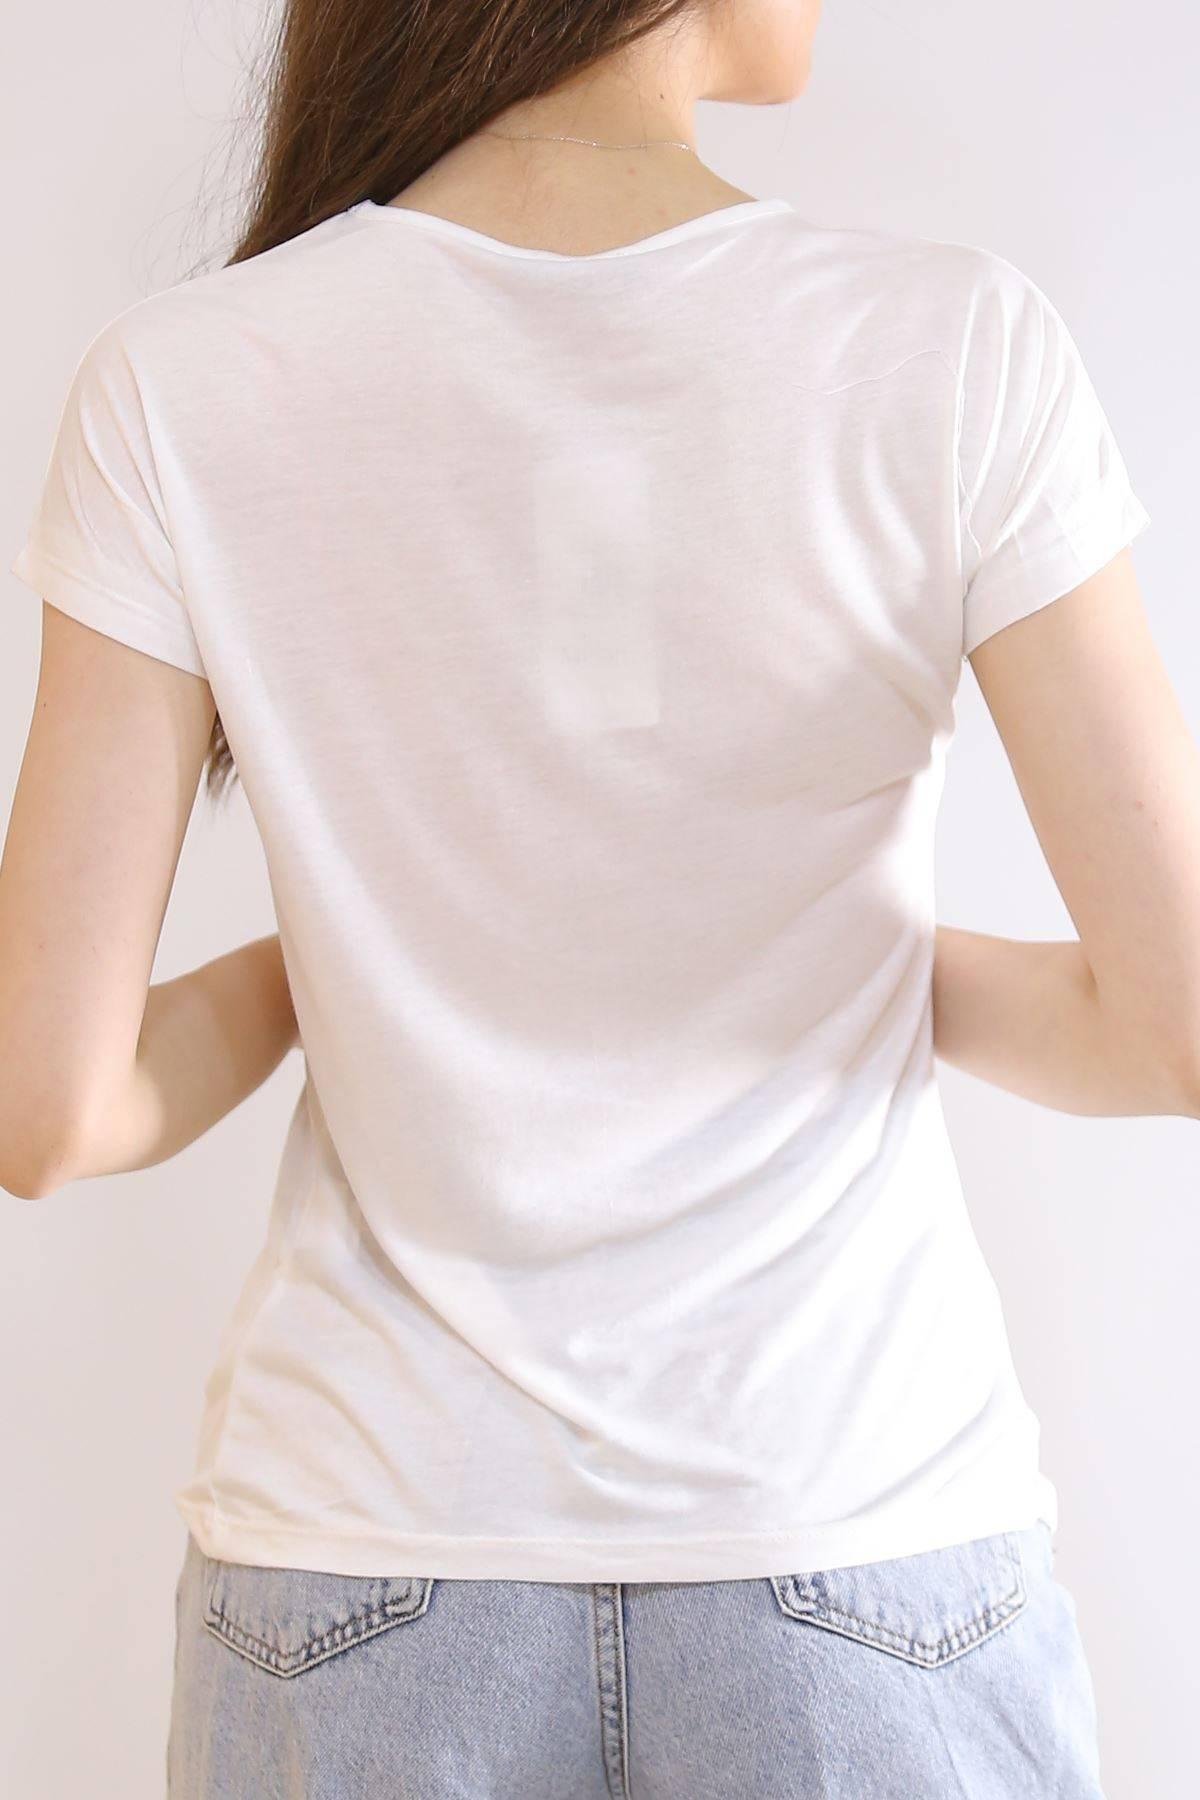 Salaş Baskılı Tişört Beyaz - 19325.200.